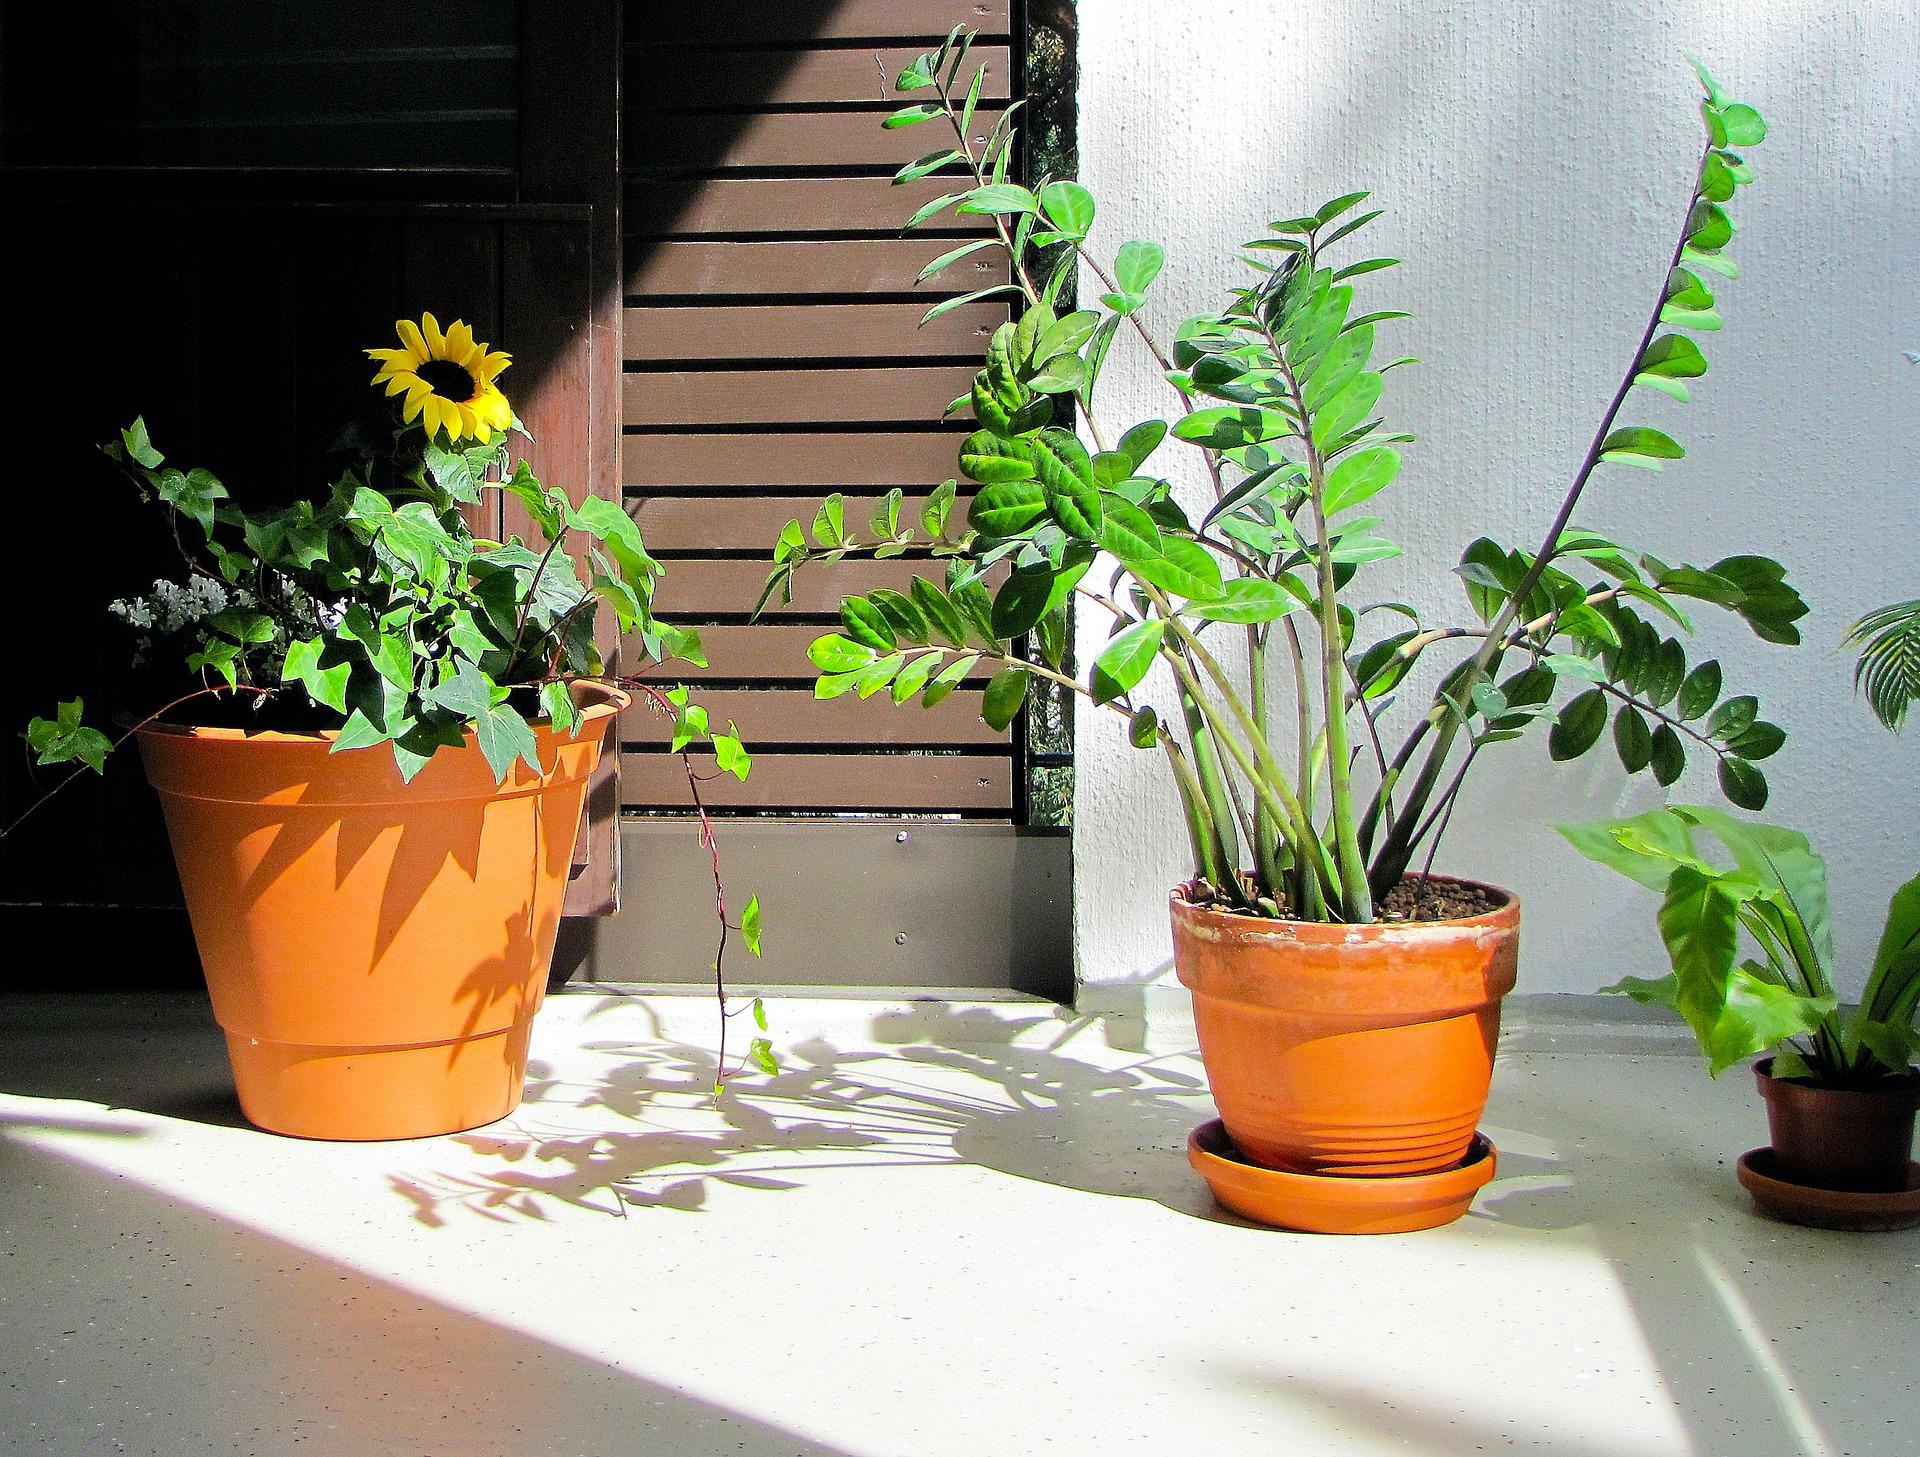 planten buiten zetten